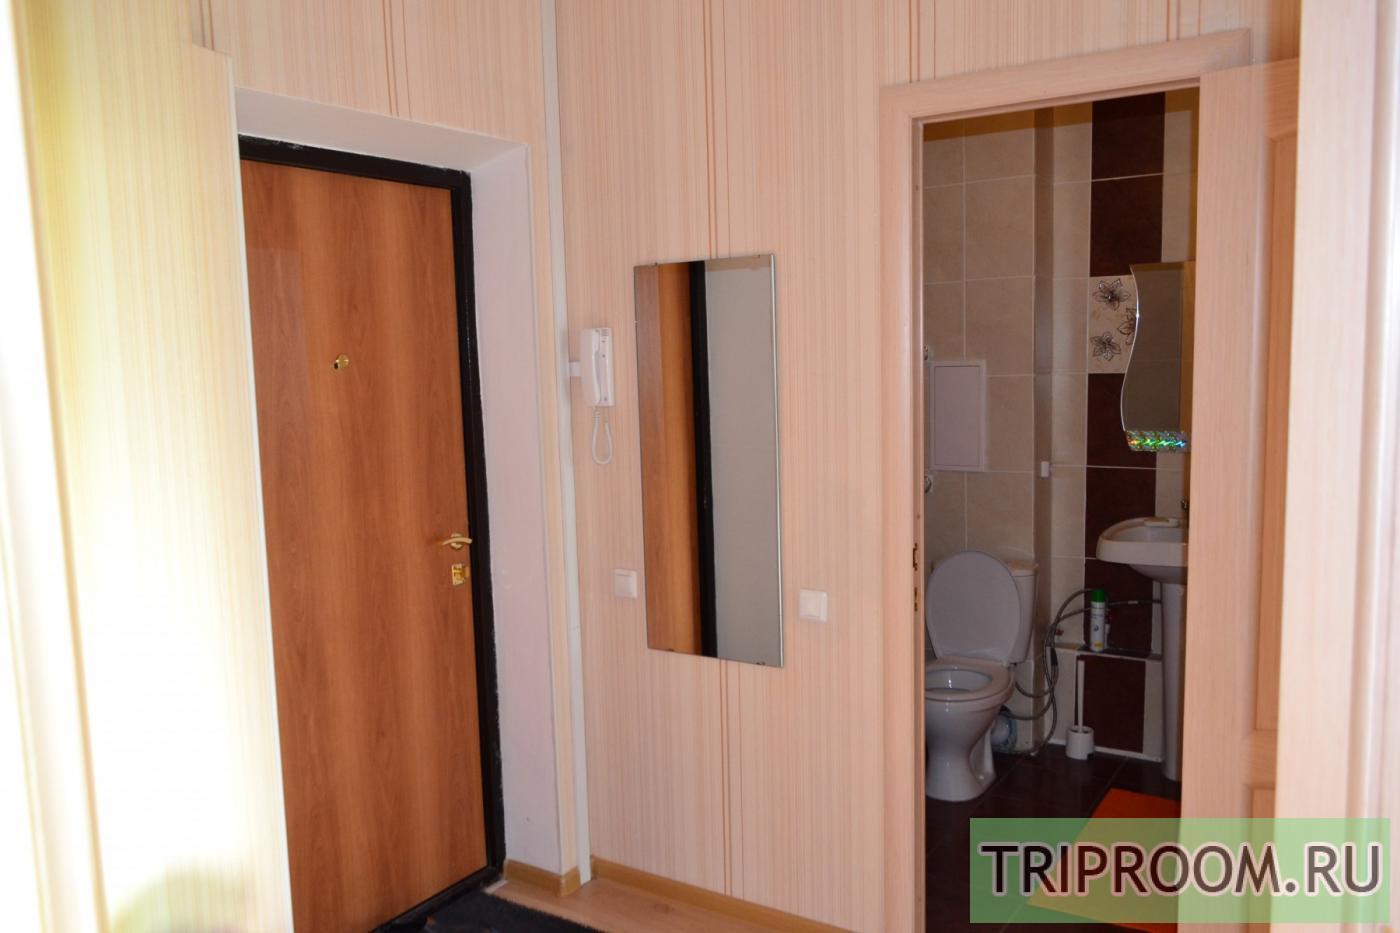 1-комнатная квартира посуточно (вариант № 20322), ул. Юлиуса Фучика улица, фото № 12